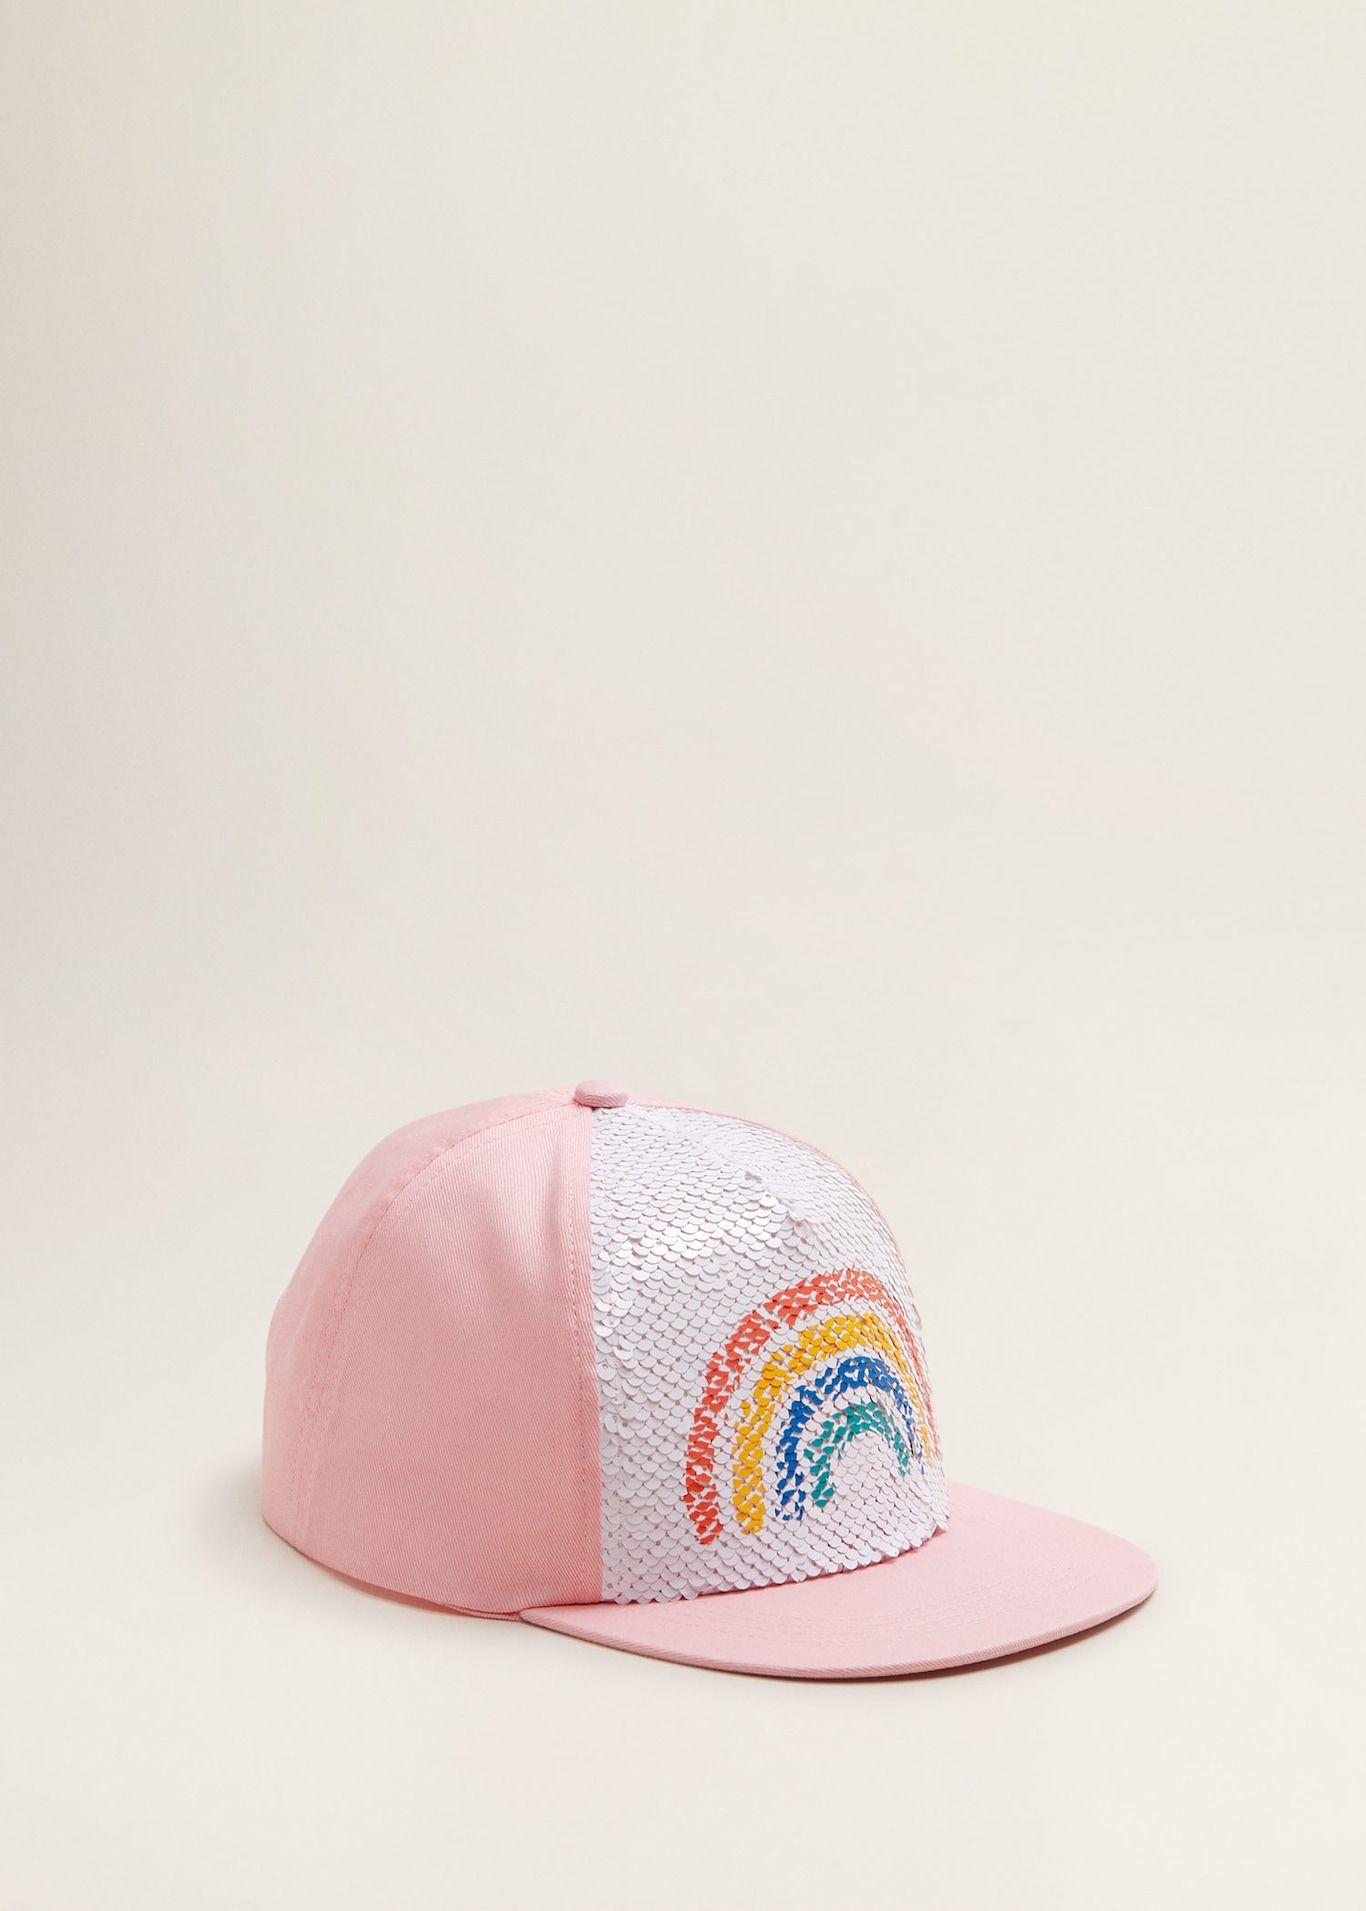 389cff1bd Reversible sequins cap - Girls in 2019 | Kids Hat | Cap girl, Kids ...